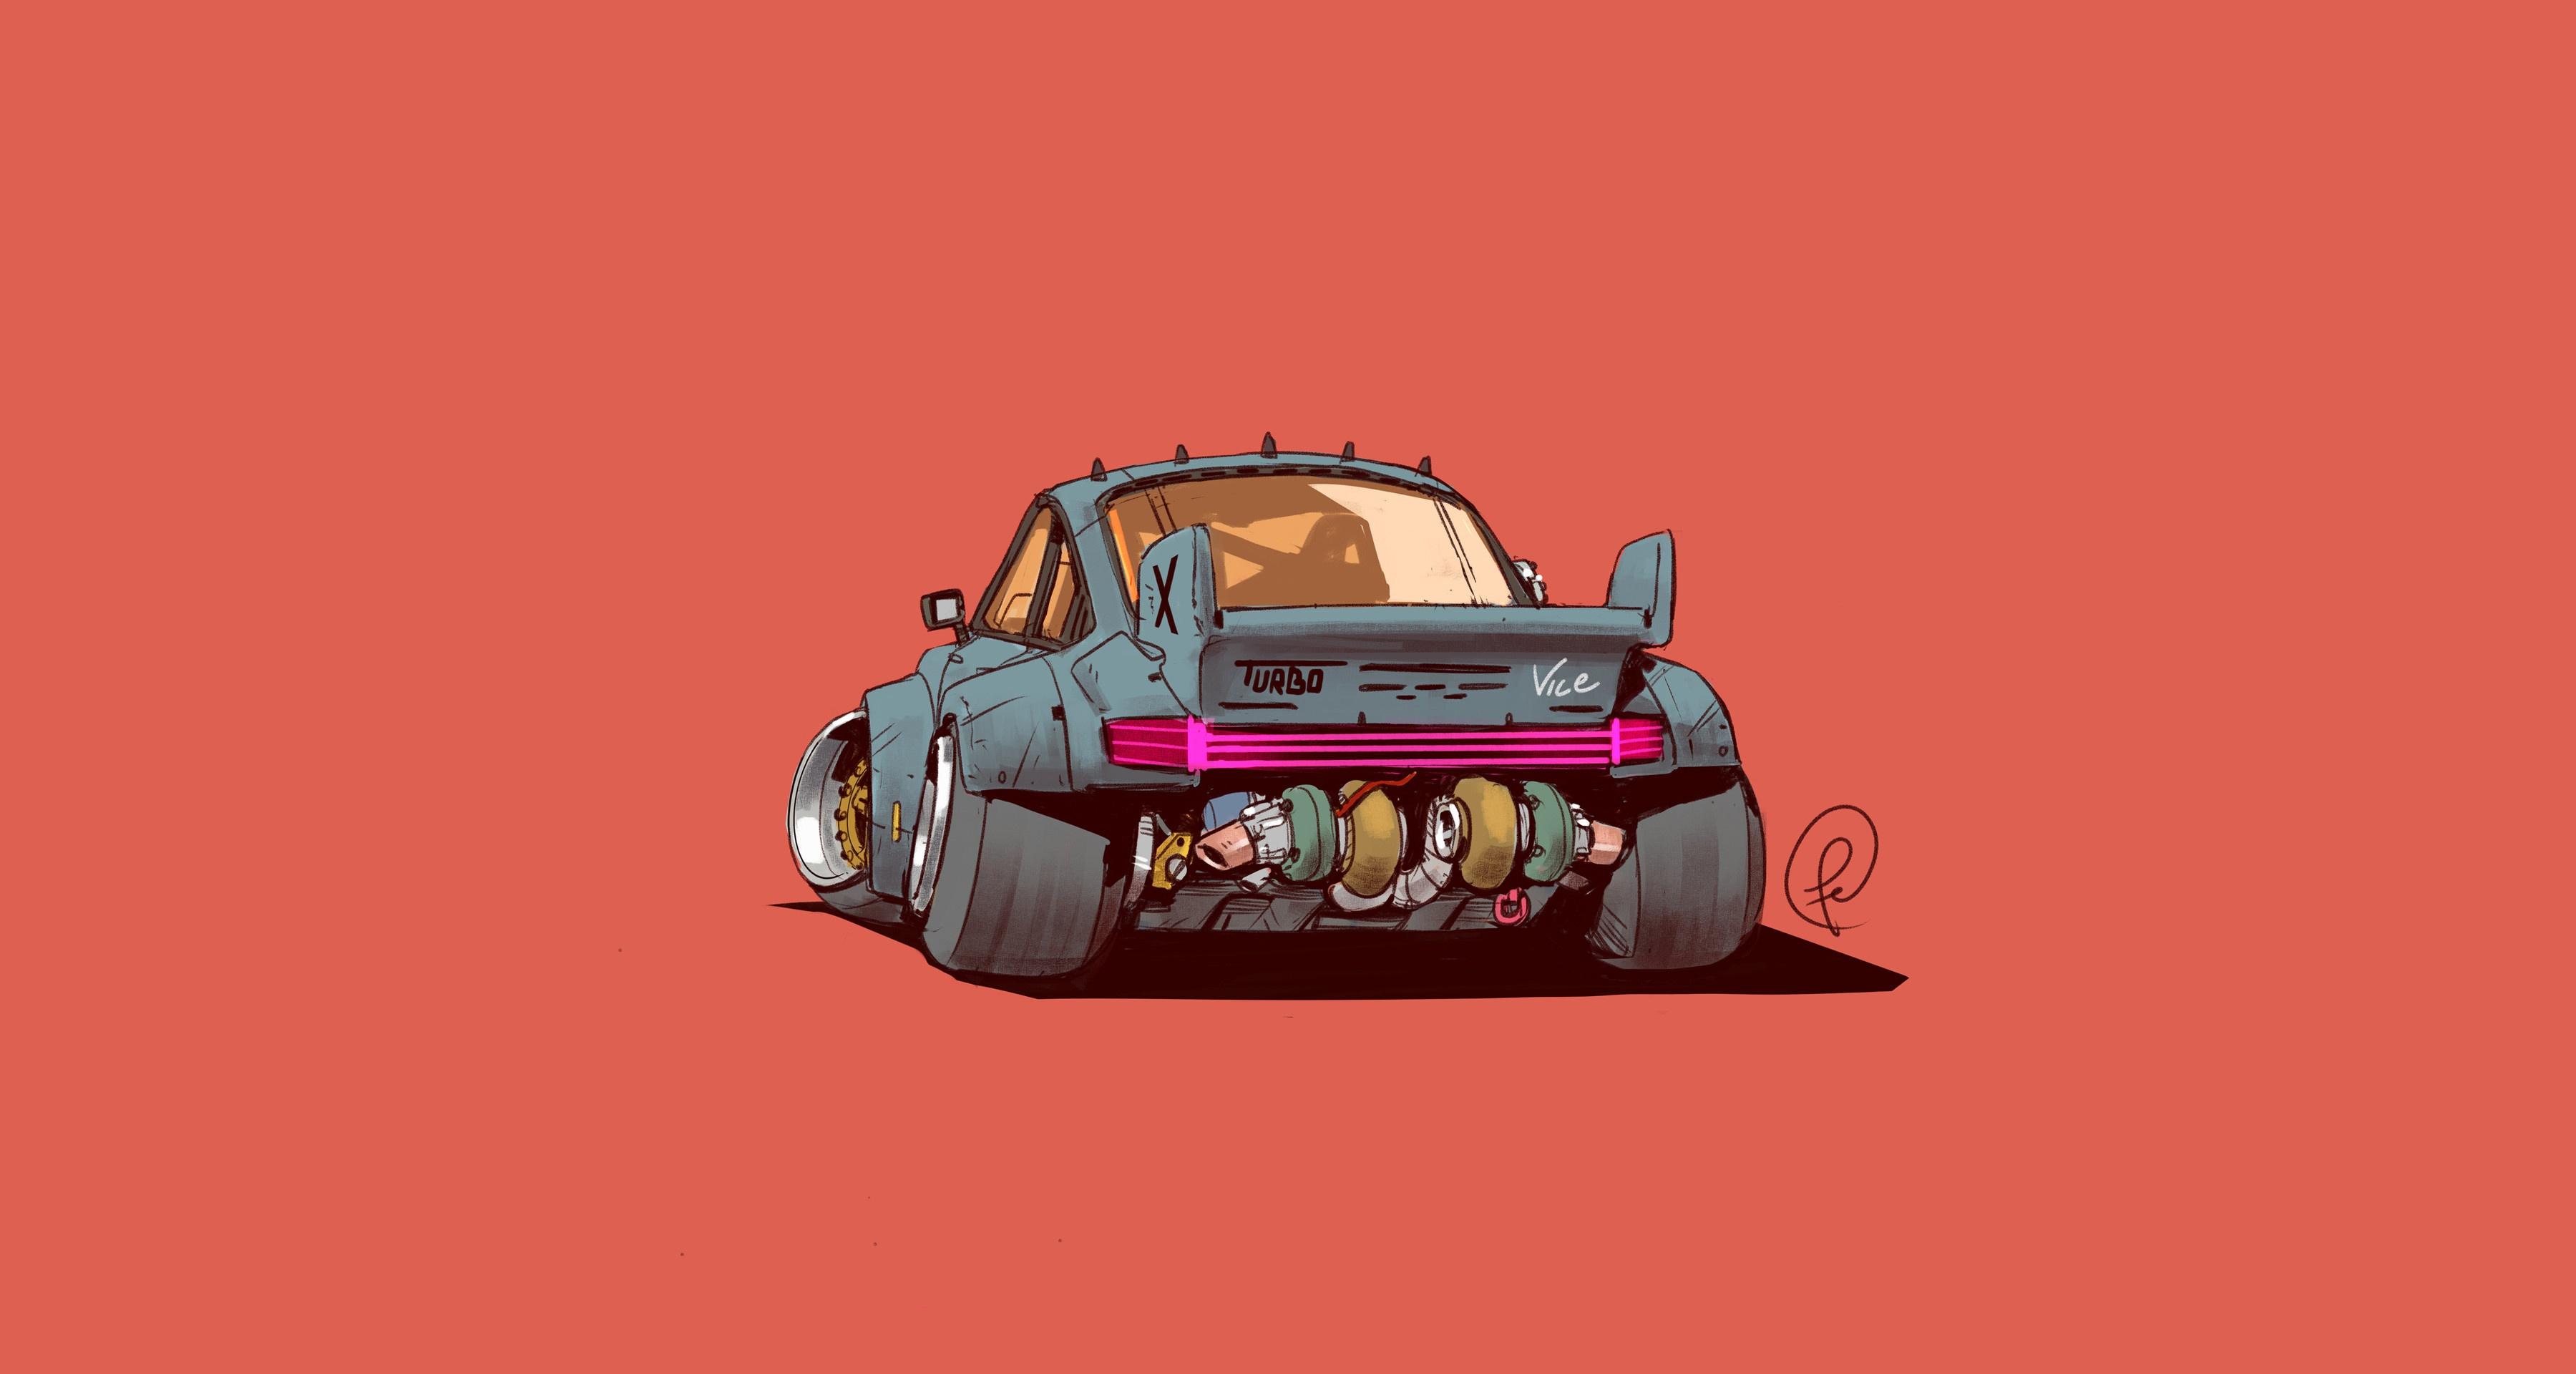 Wallpaper Artwork Car Vehicle Fernando Correa Porsche 911